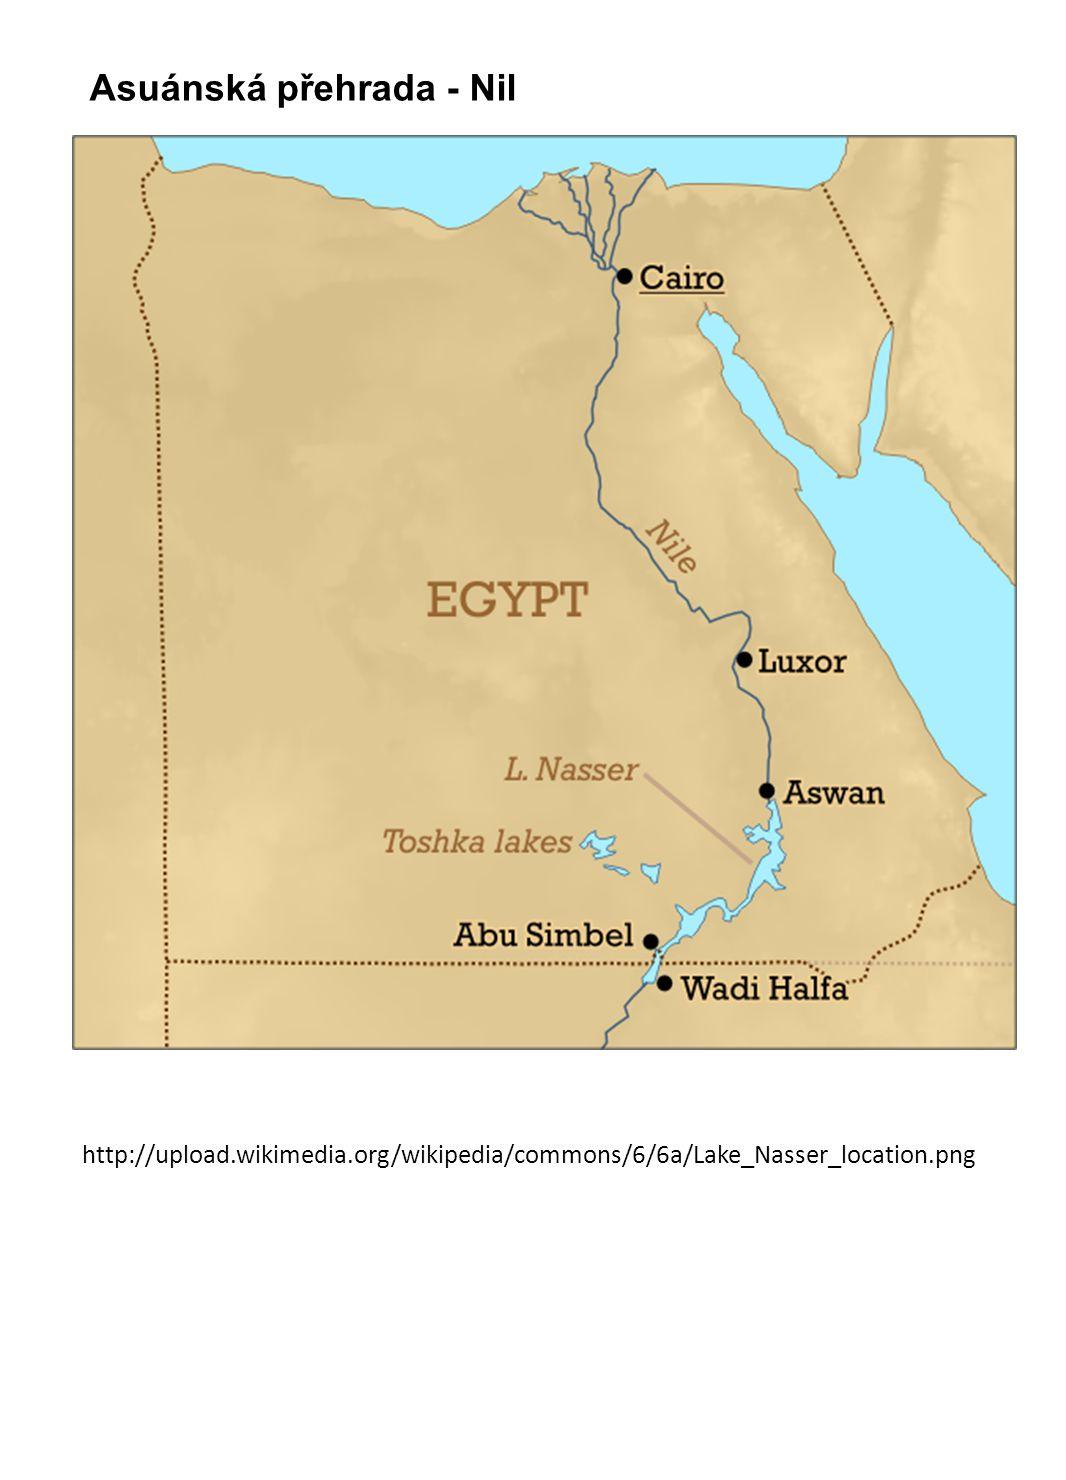 http://upload.wikimedia.org/wikipedia/commons/6/6a/Lake_Nasser_location.png Asuánská přehrada - Nil